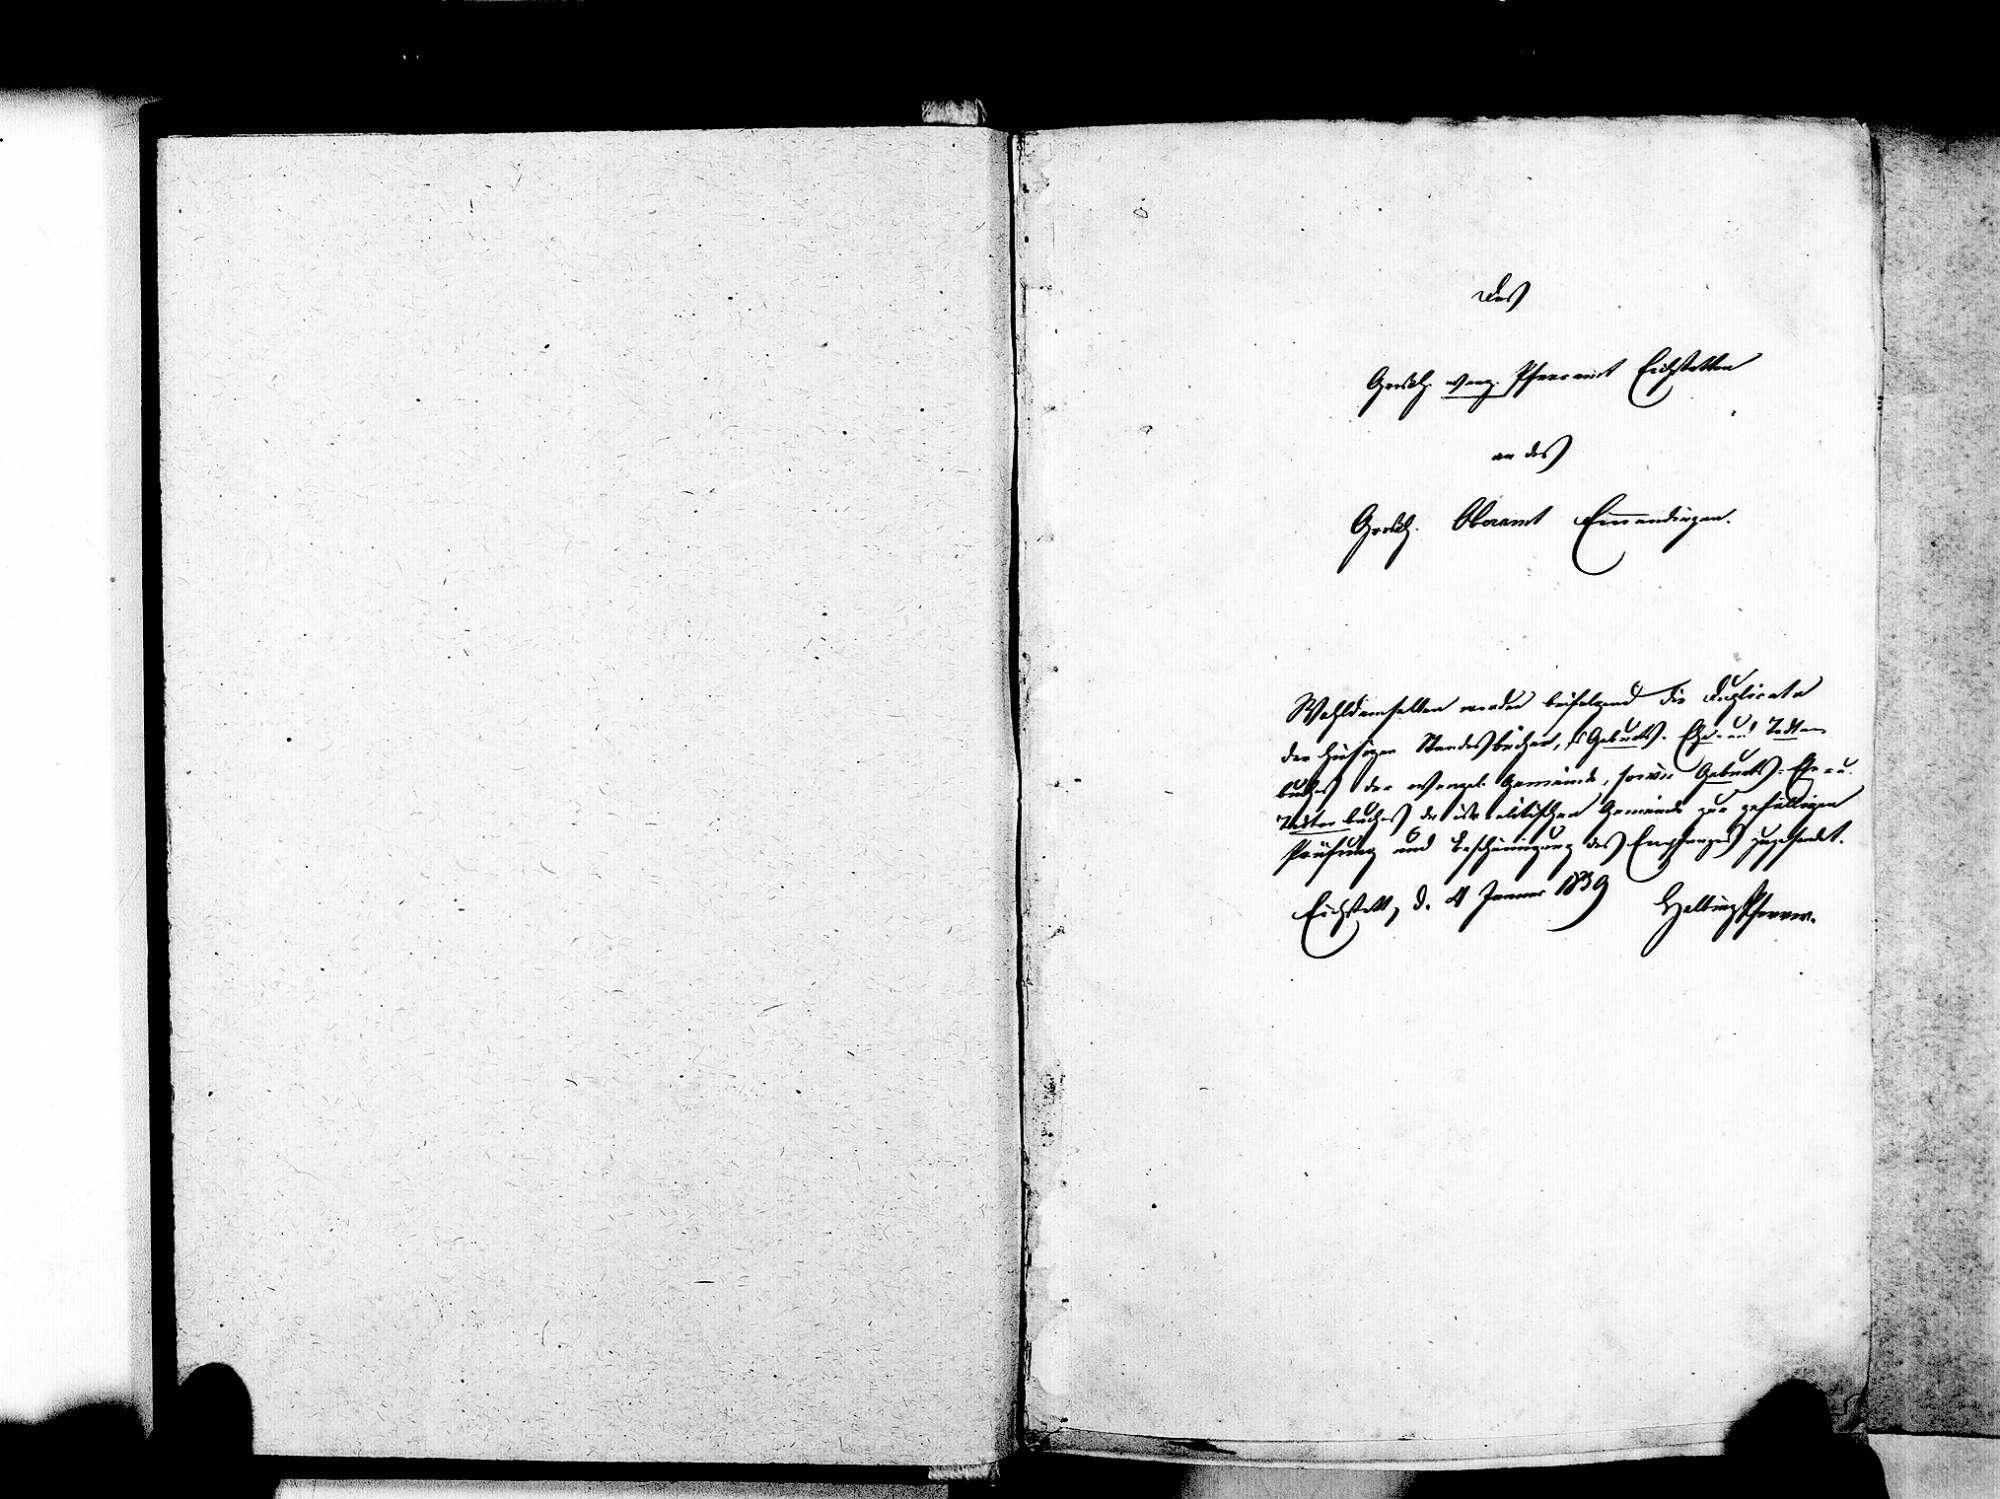 Eichstetten FR; Evangelische Gemeinde: Standesbuch 1838-1848 Eichstetten FR; Israelitische Gemeinde: Standesbuch 1838-1848, Bild 3